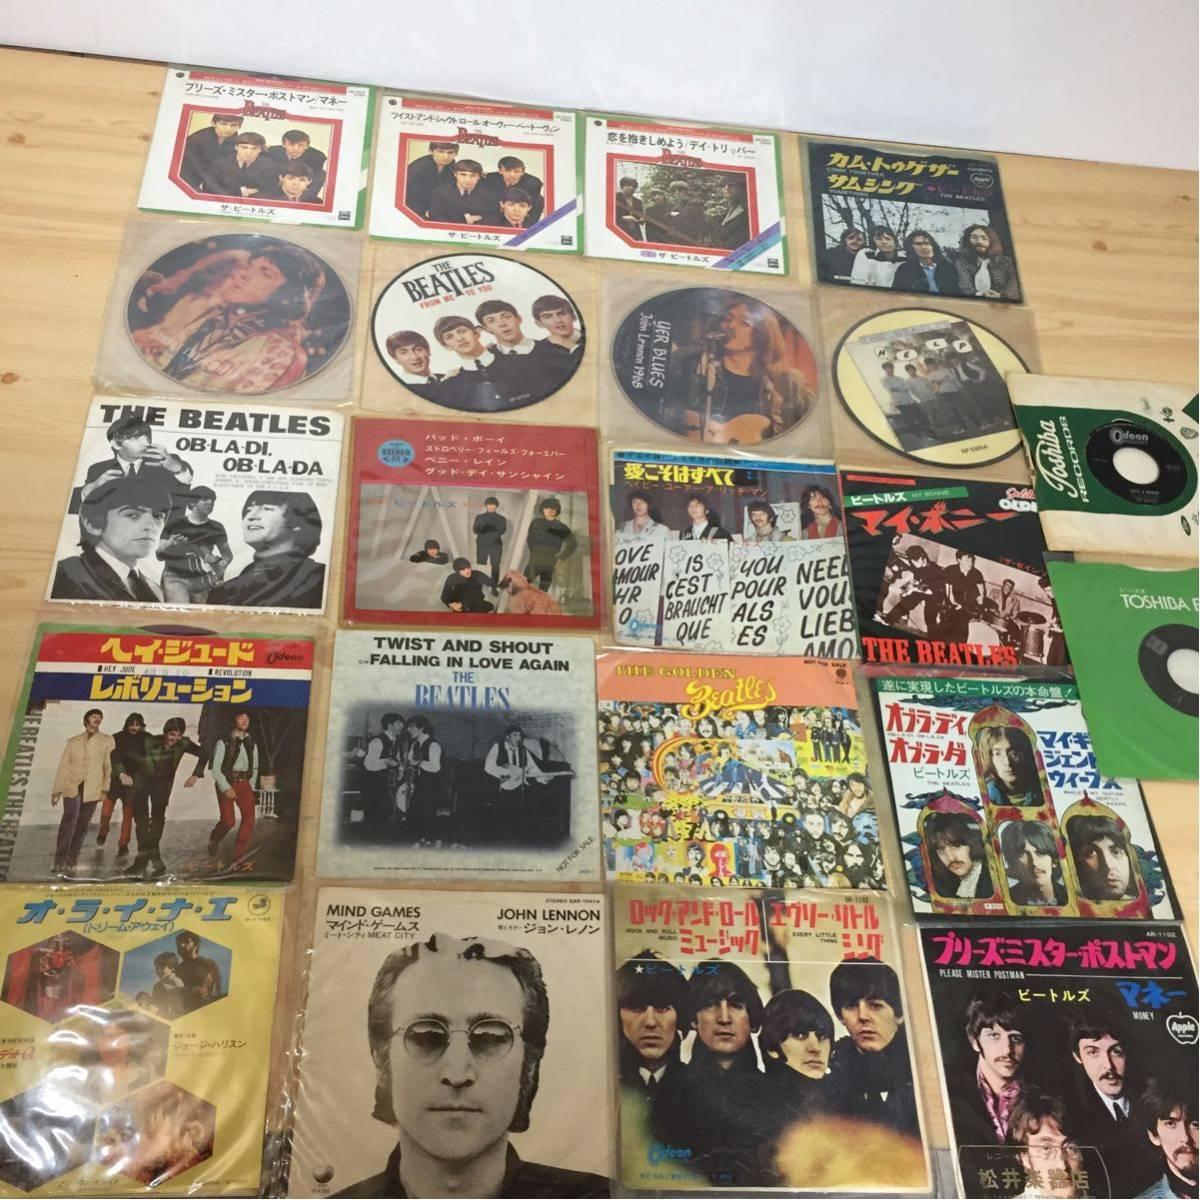 The Beatles EP レコード ビートルズ 22枚 まとめて 赤盤 ピクチャーレコード あり